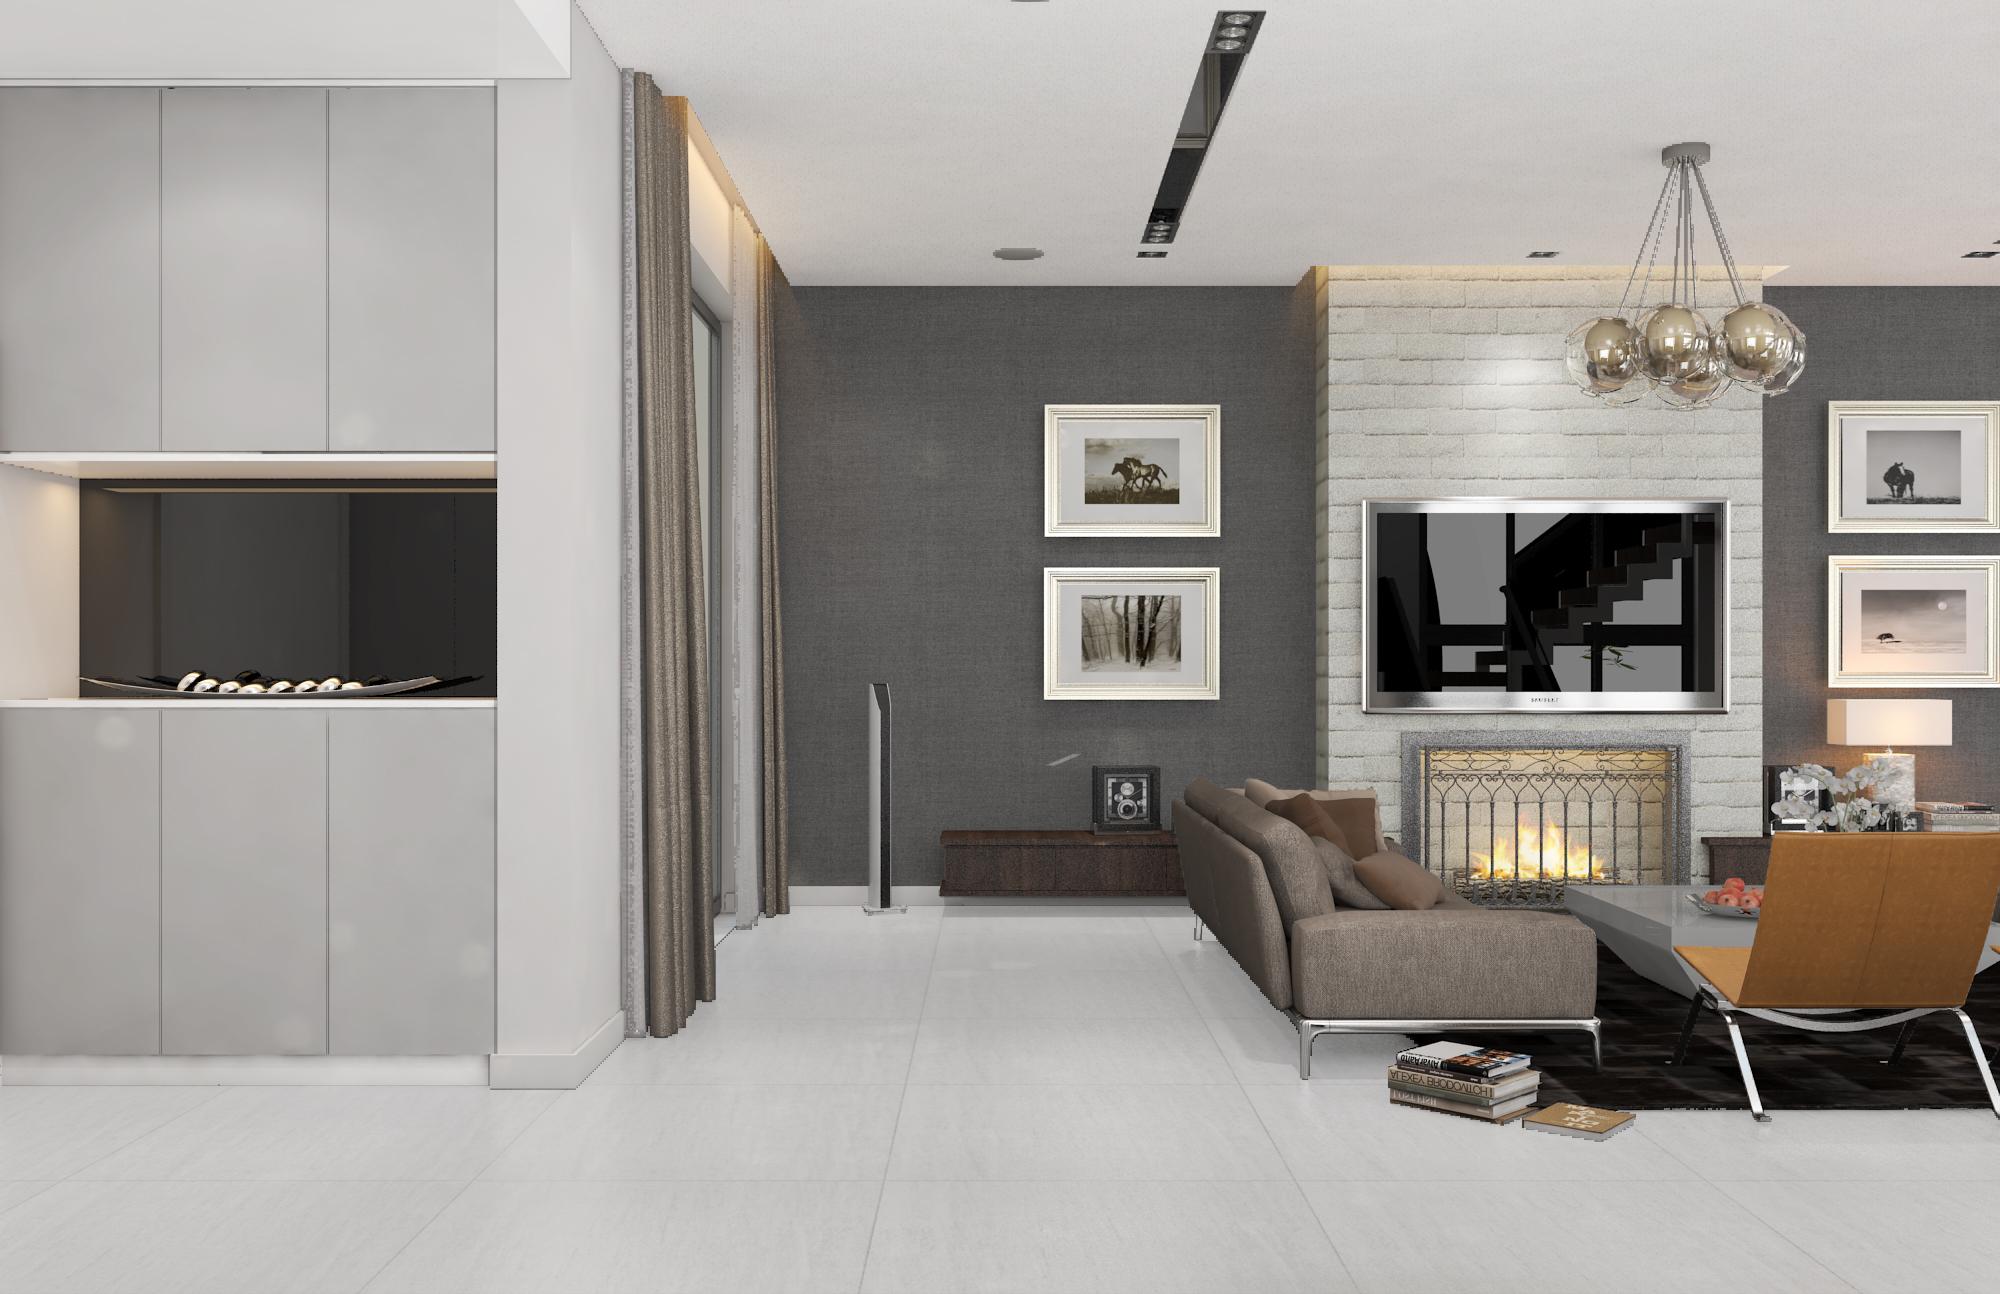 thiết kế nội thất Biệt Thự tại Hà Nội bt Vinhomes - riverside 12 1568085335